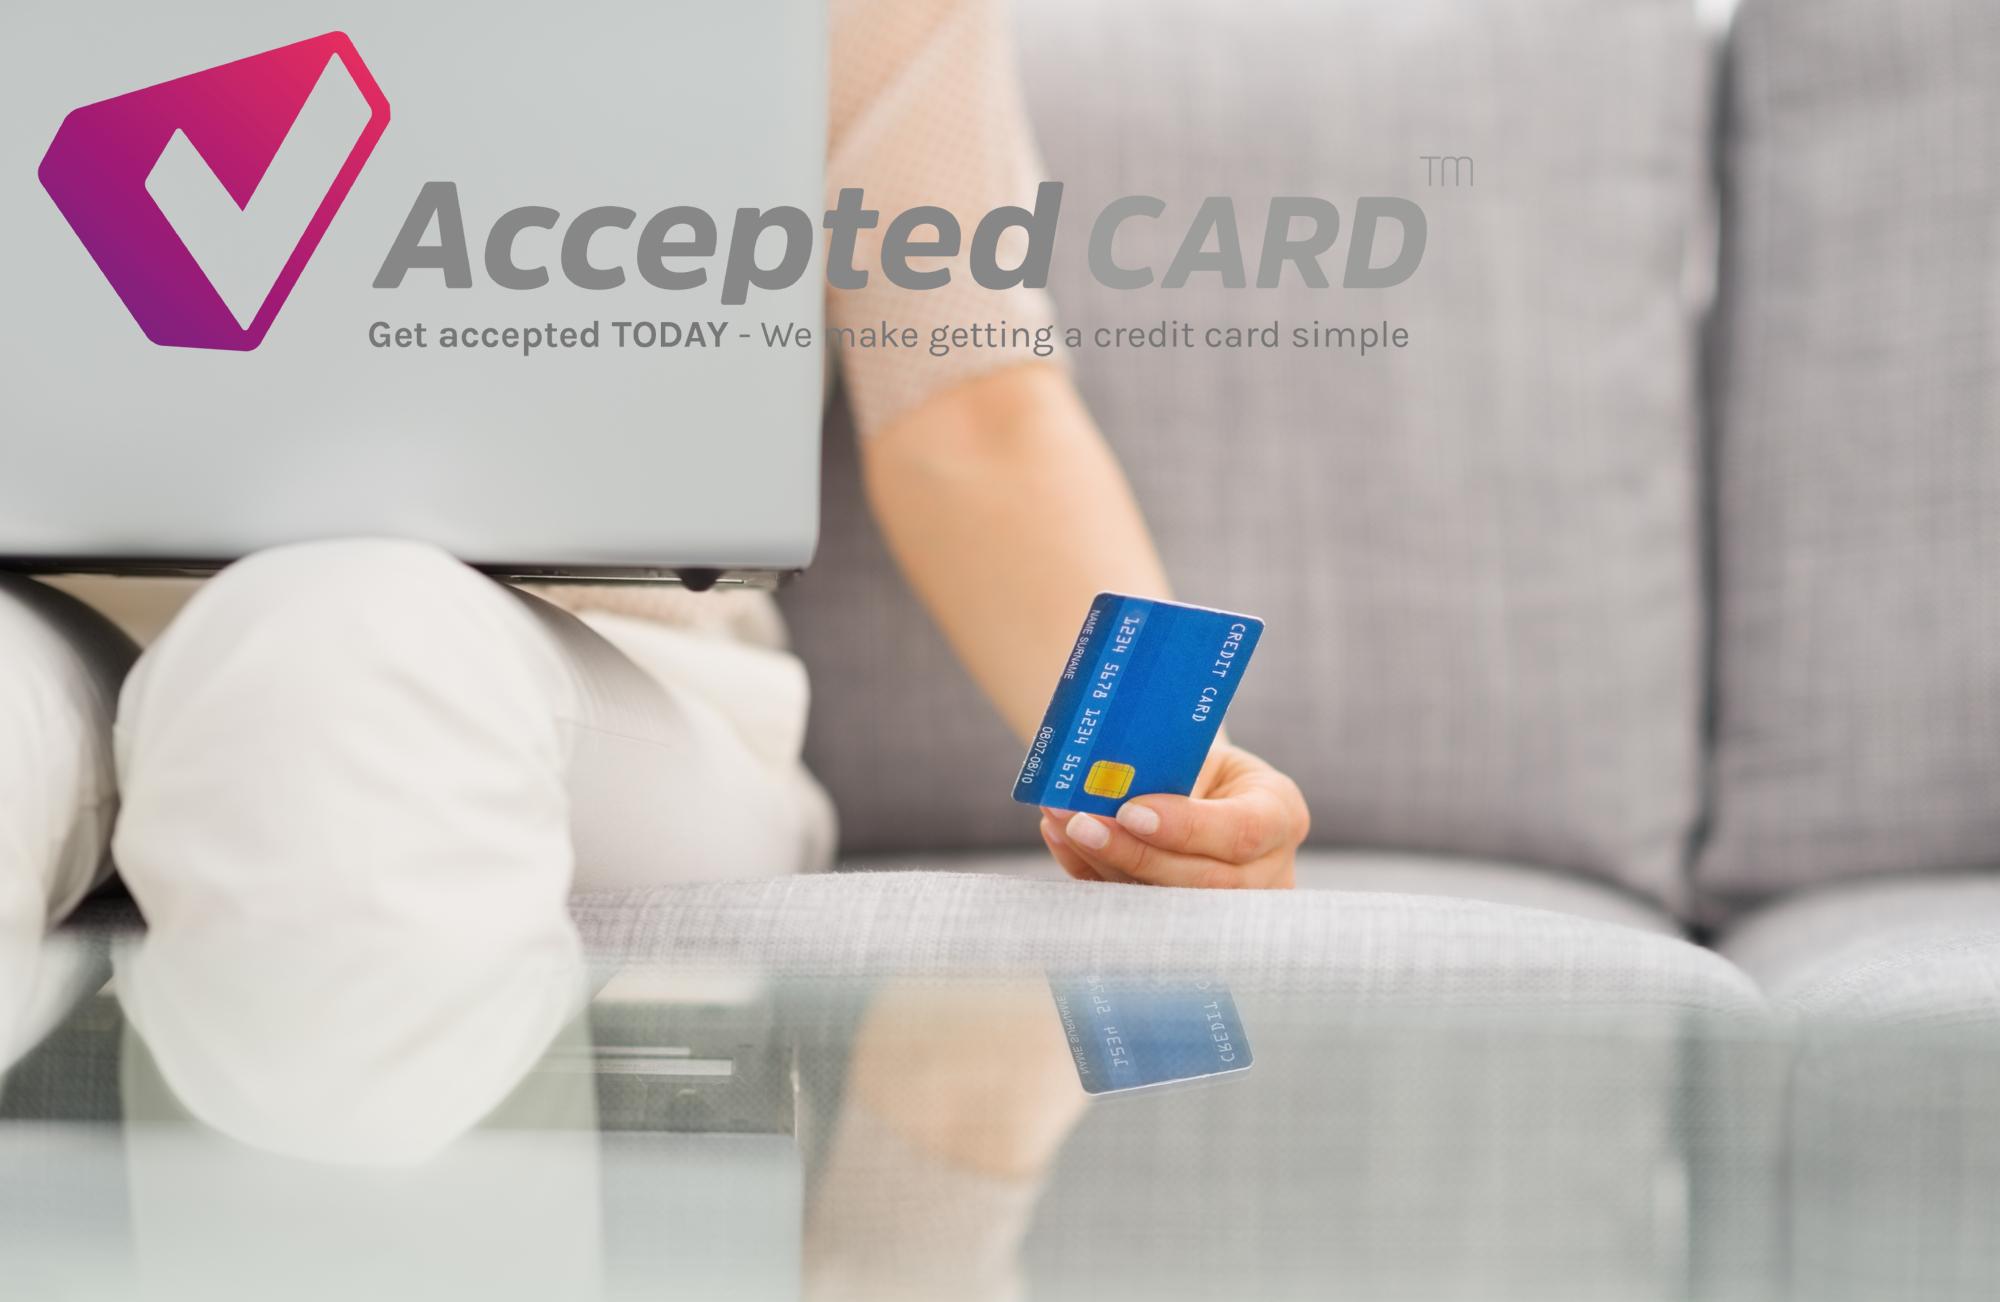 Ocean credit card